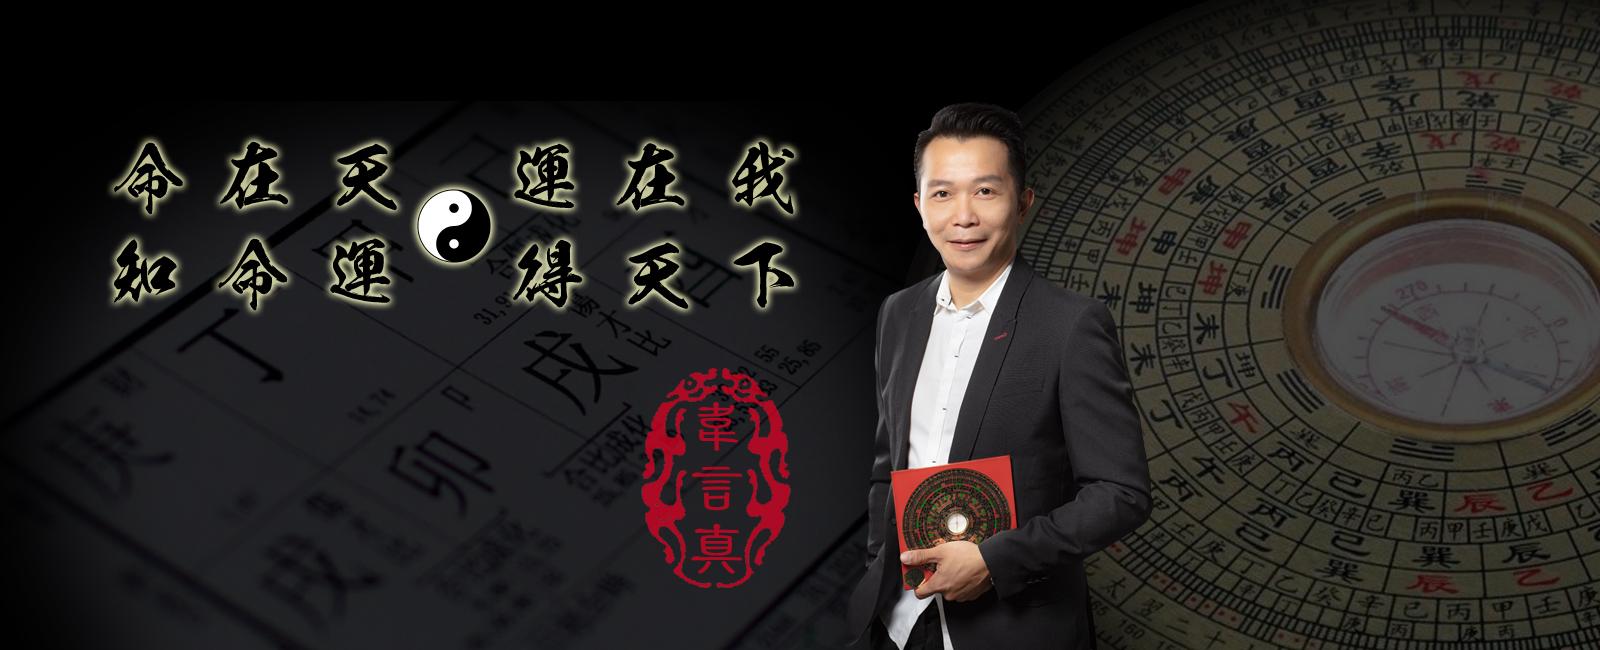 【香港言真堂】風水算命占卜改名擇日 - 玄學顧問及撰稿 - 樓盤代言